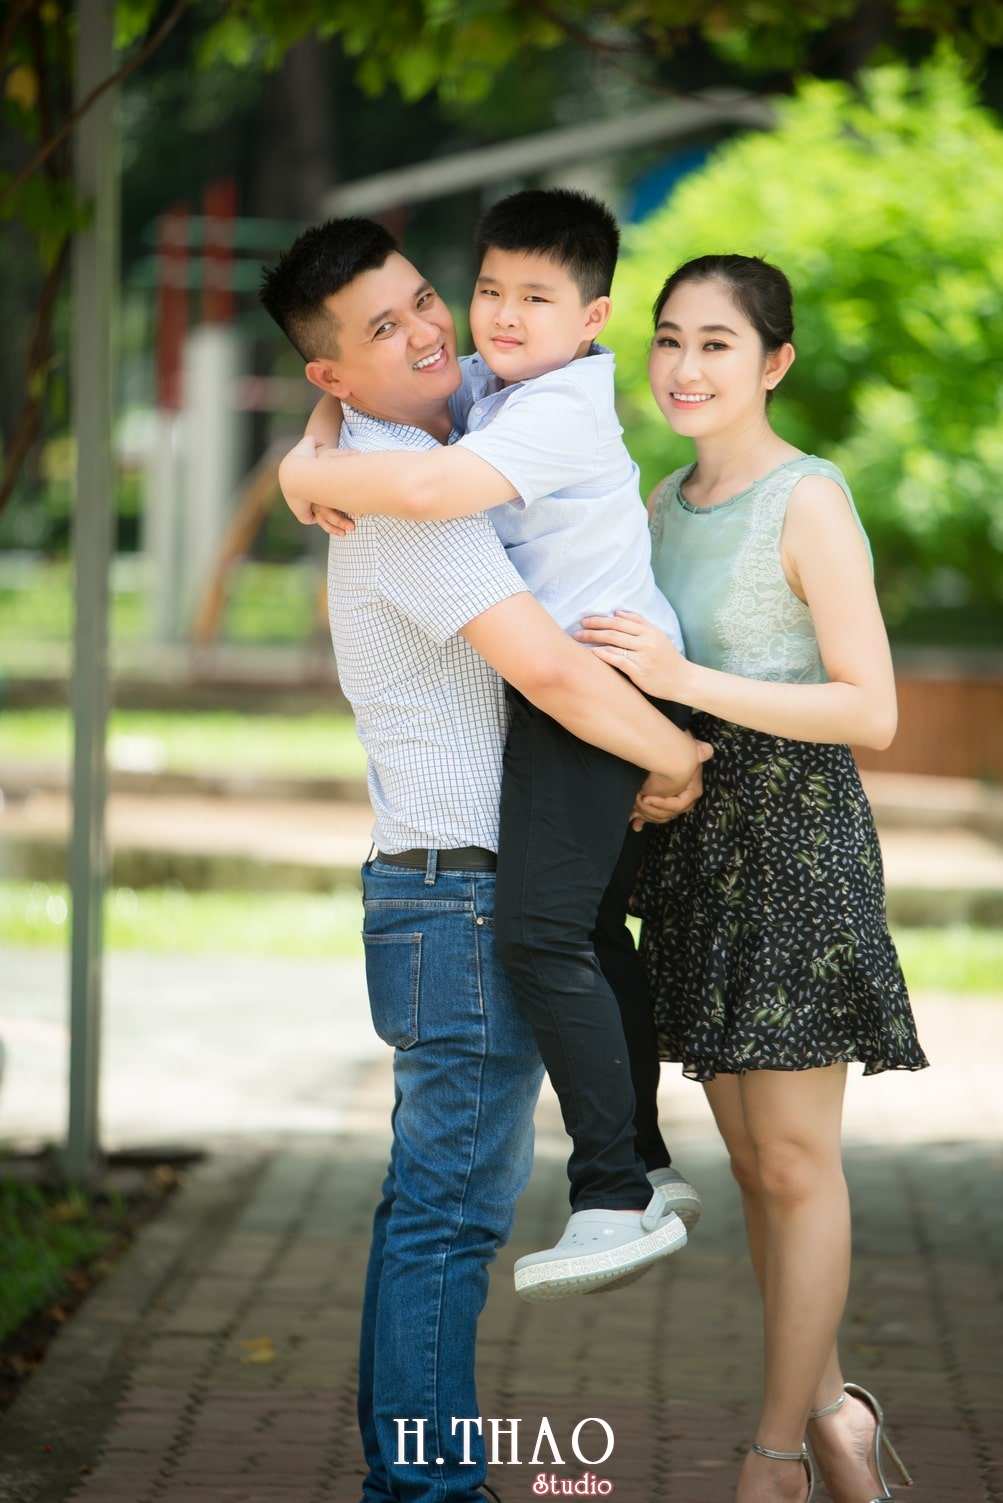 Anh Gia dinh 3 nguoi 20 - Bộ ảnh gia đình 3 người chụp ngoại cảnh đẹp tự nhiên - HThao Studio